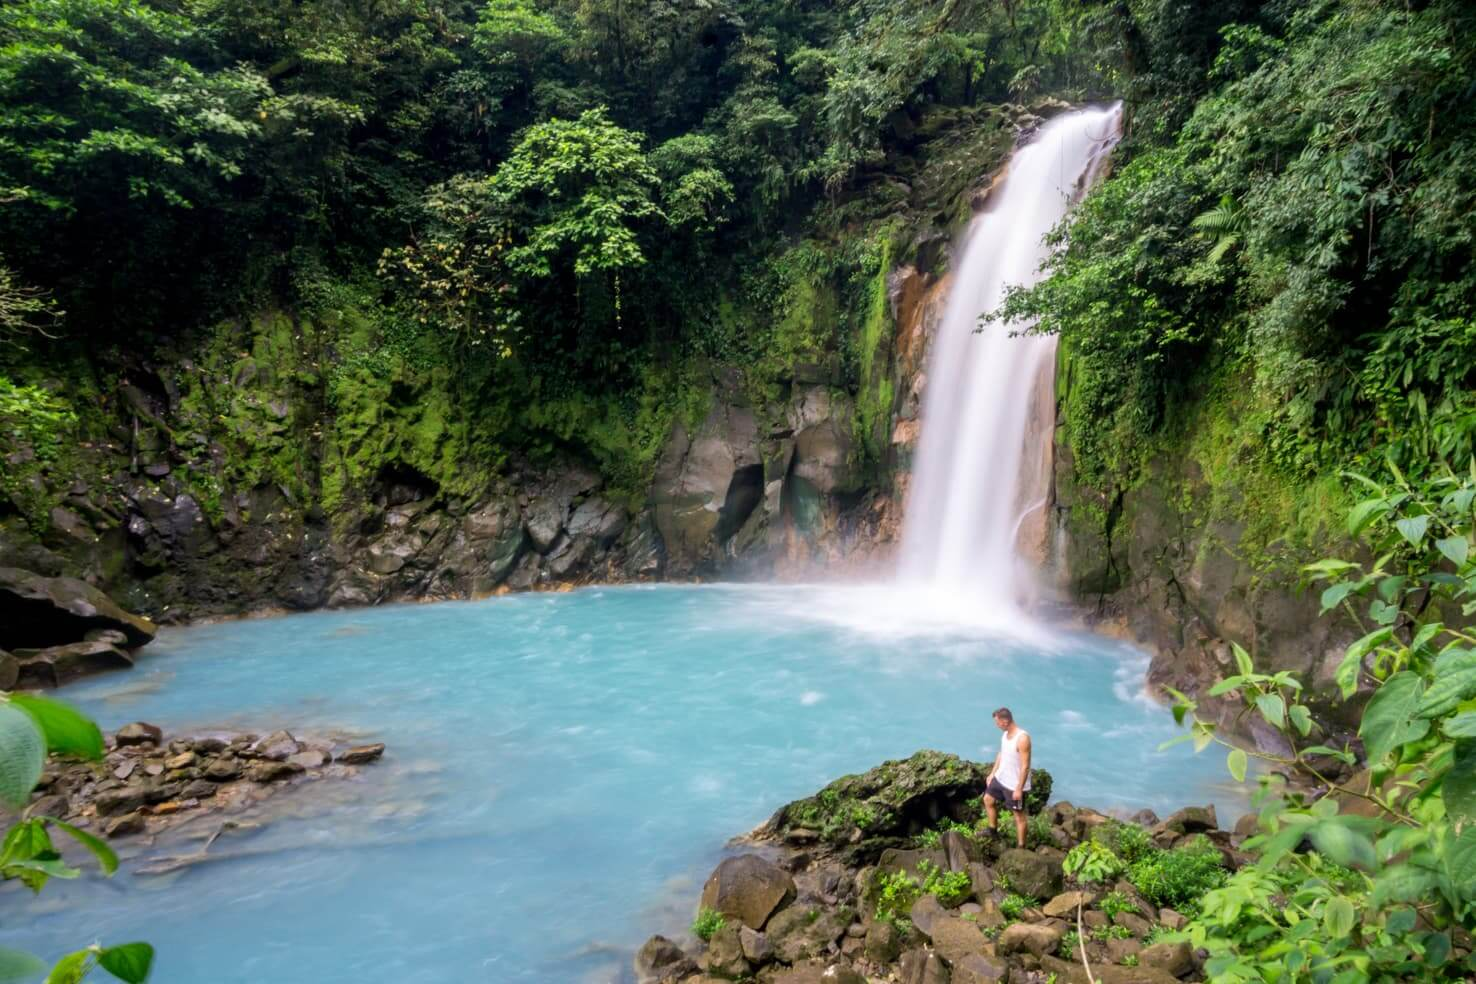 10 days in Costa Rica - Tenorio Volcano National Park